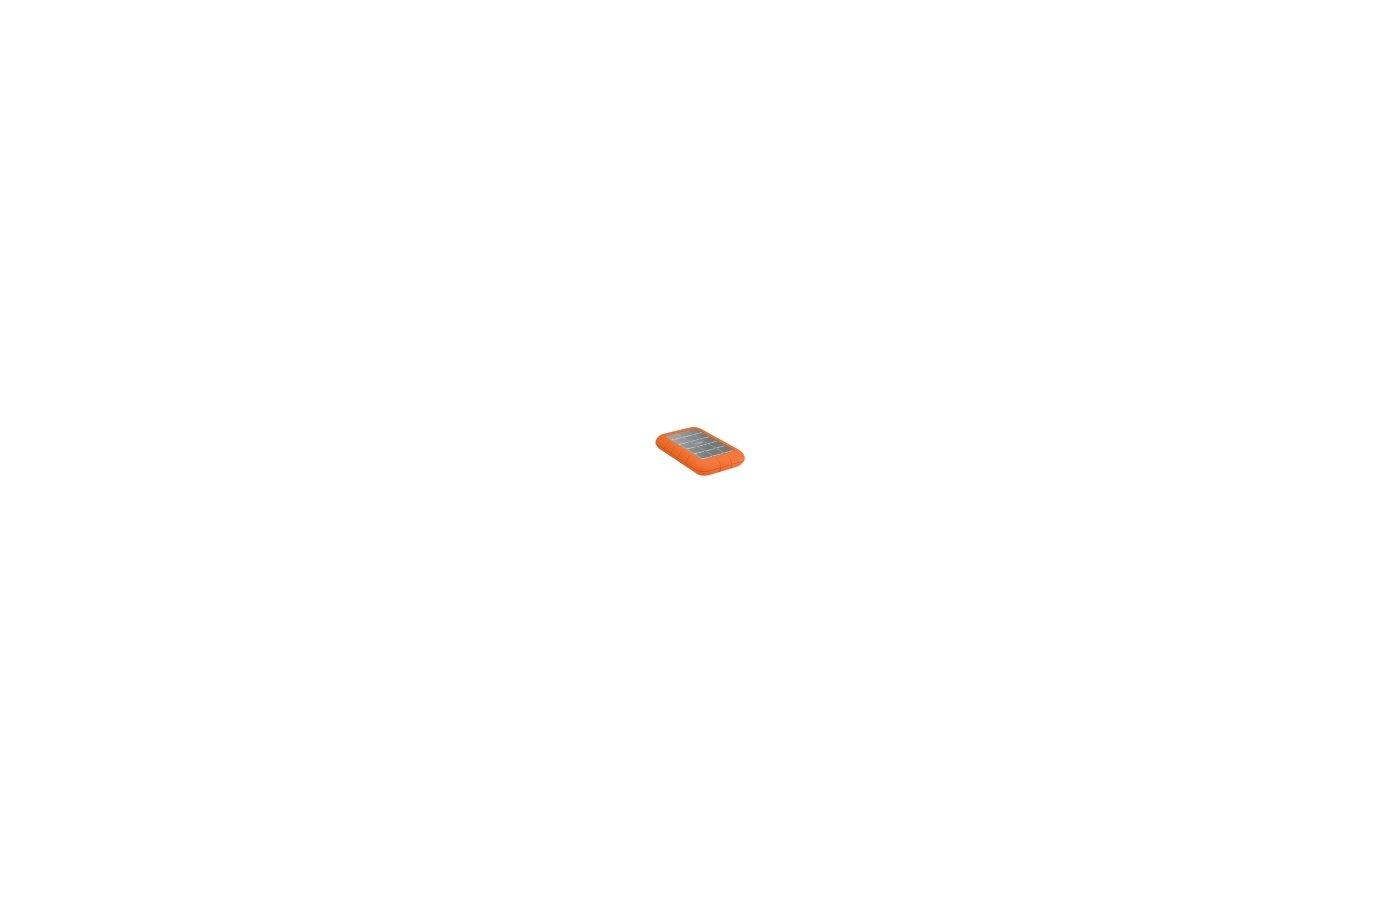 """Внешний жесткий диск Lacie USB 3.0 1Tb 301984 Rugged Triple 2.5"""" оранжевый"""